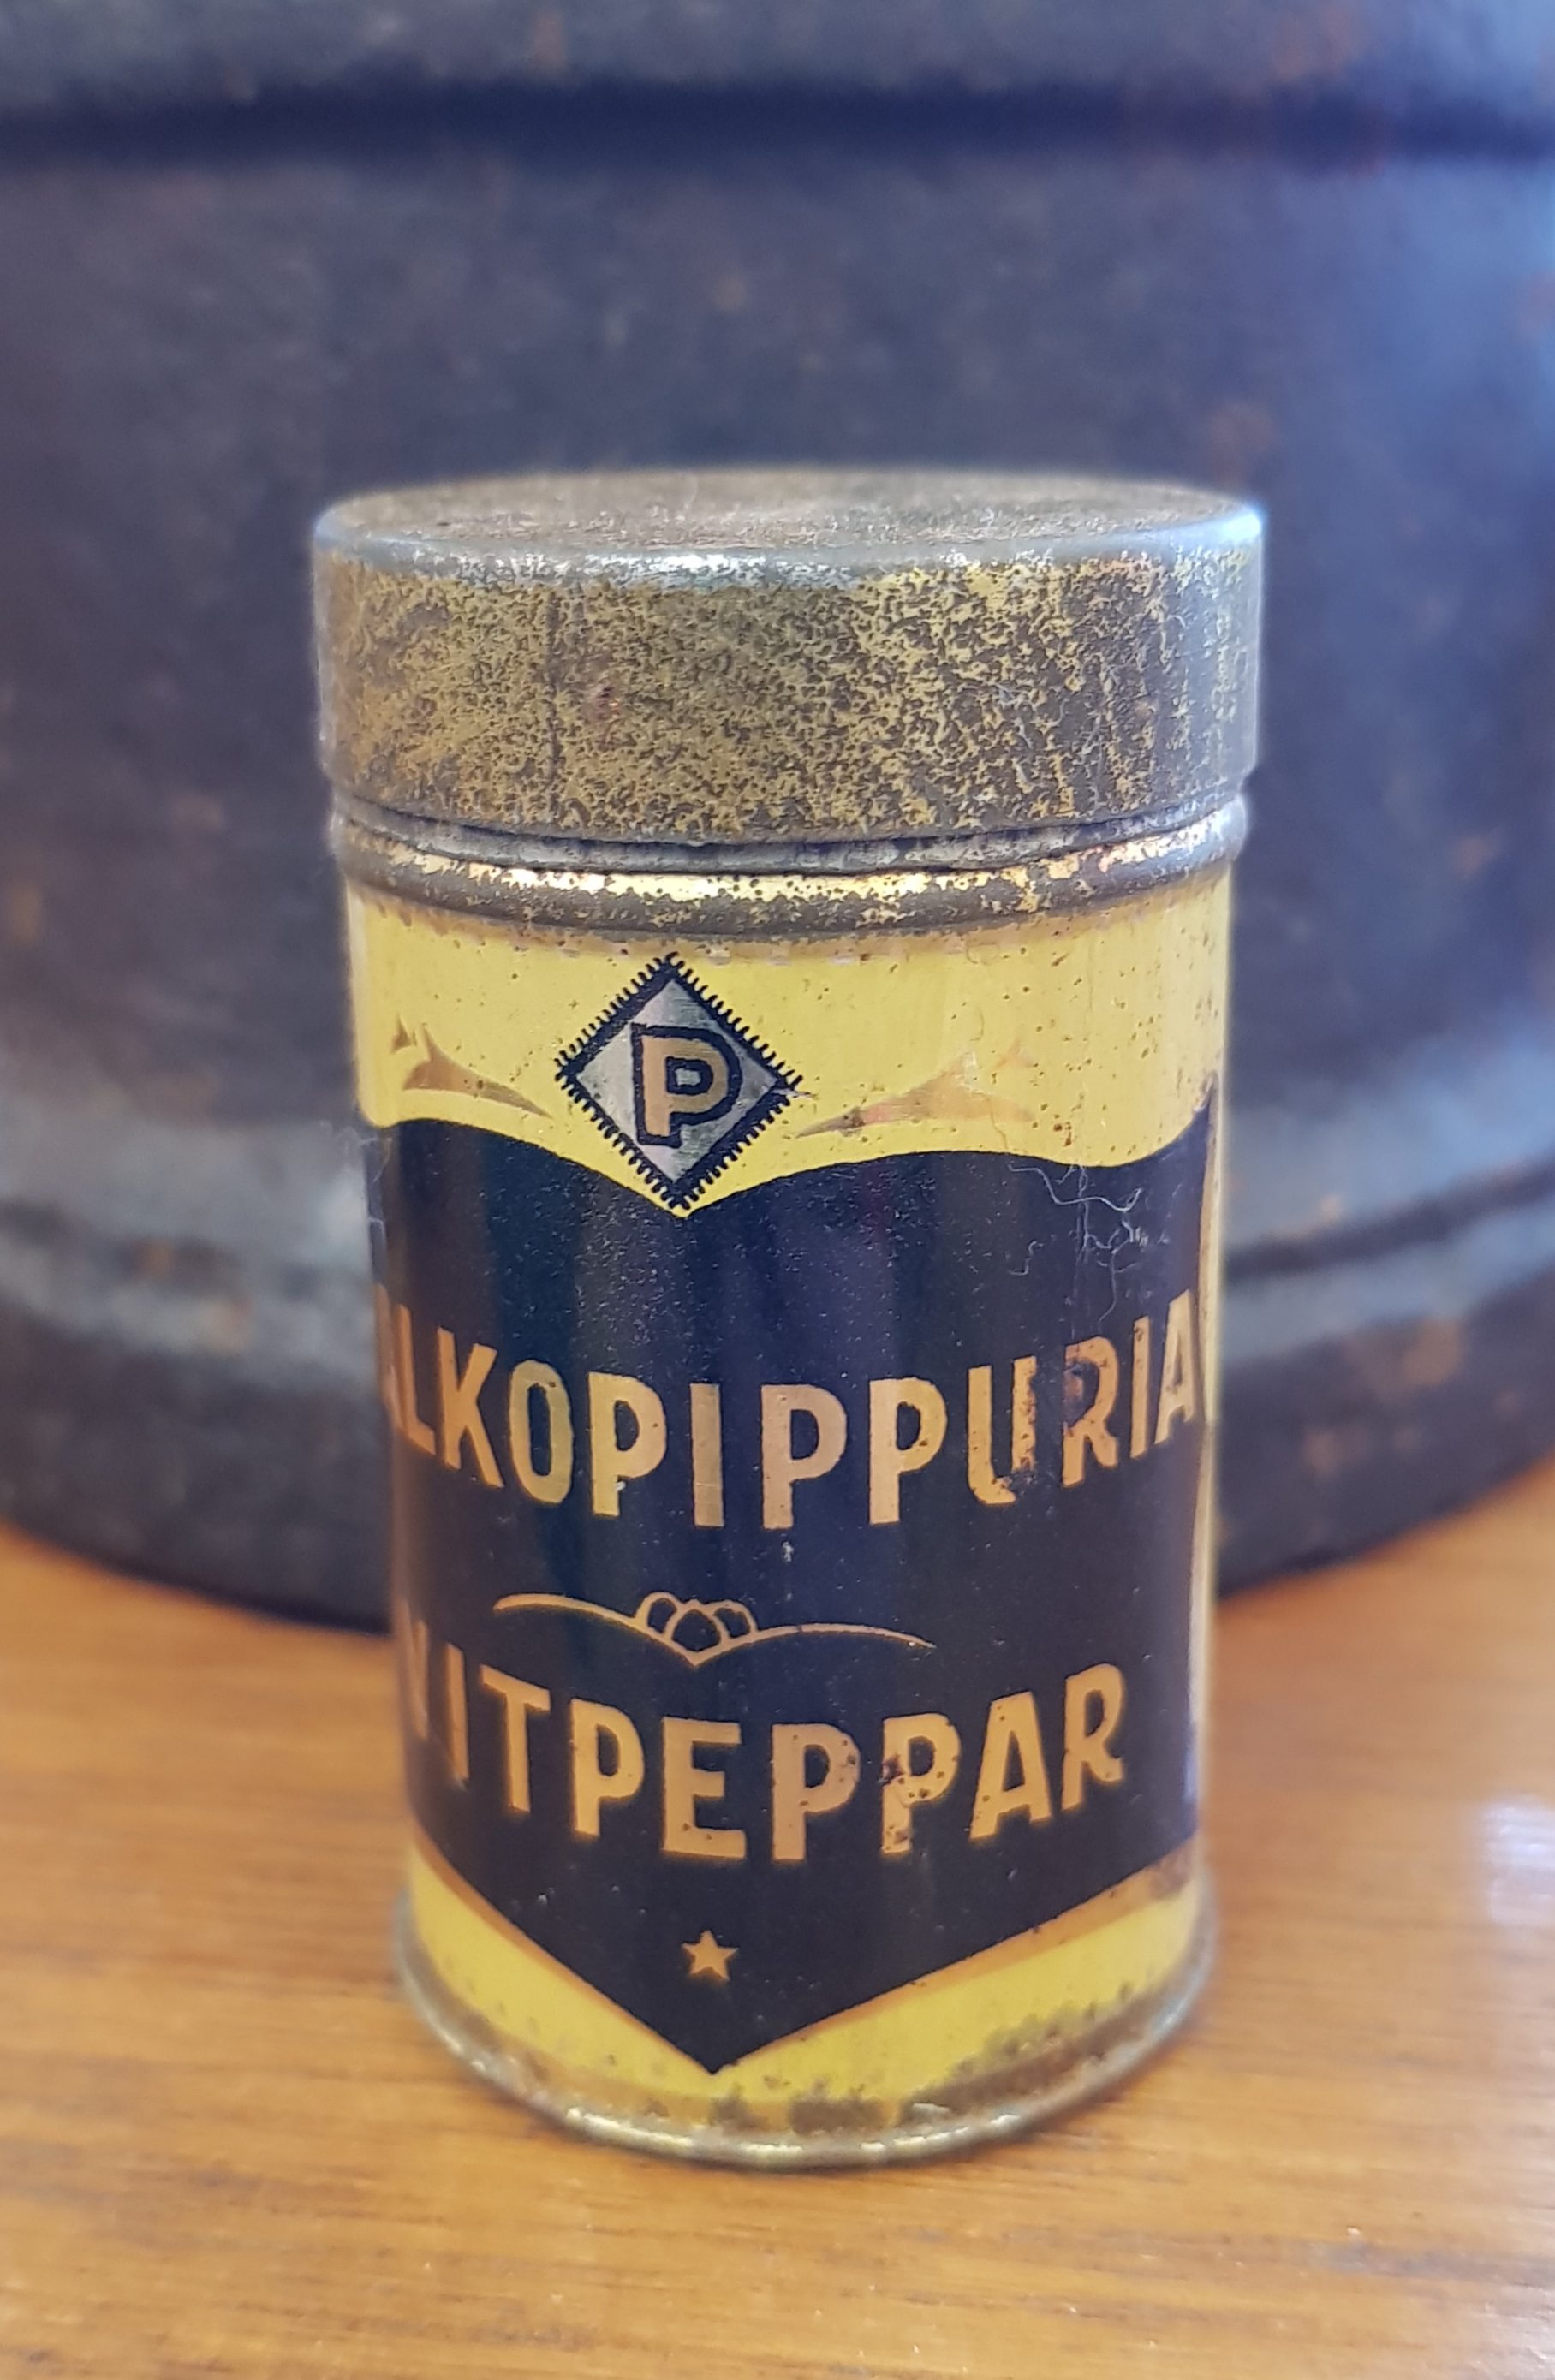 Vanha peltinen maustepurkki, Paulig, valkopippuri